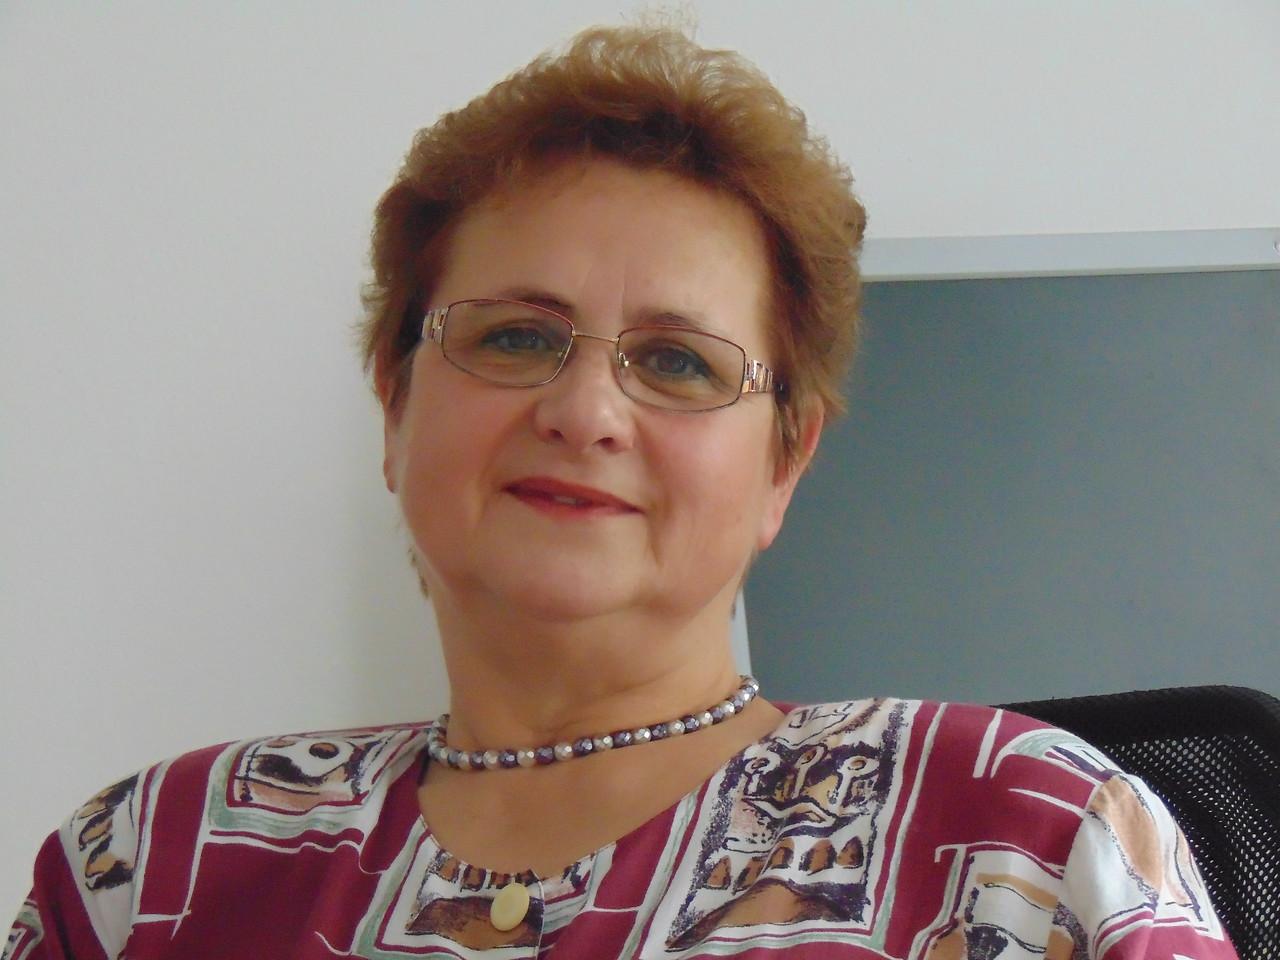 Szatmáriné dr. Balogh Mária, a Convictus-Consult Szervezetfejlesztő és Vezetési Tanácsadó Kft. alapí